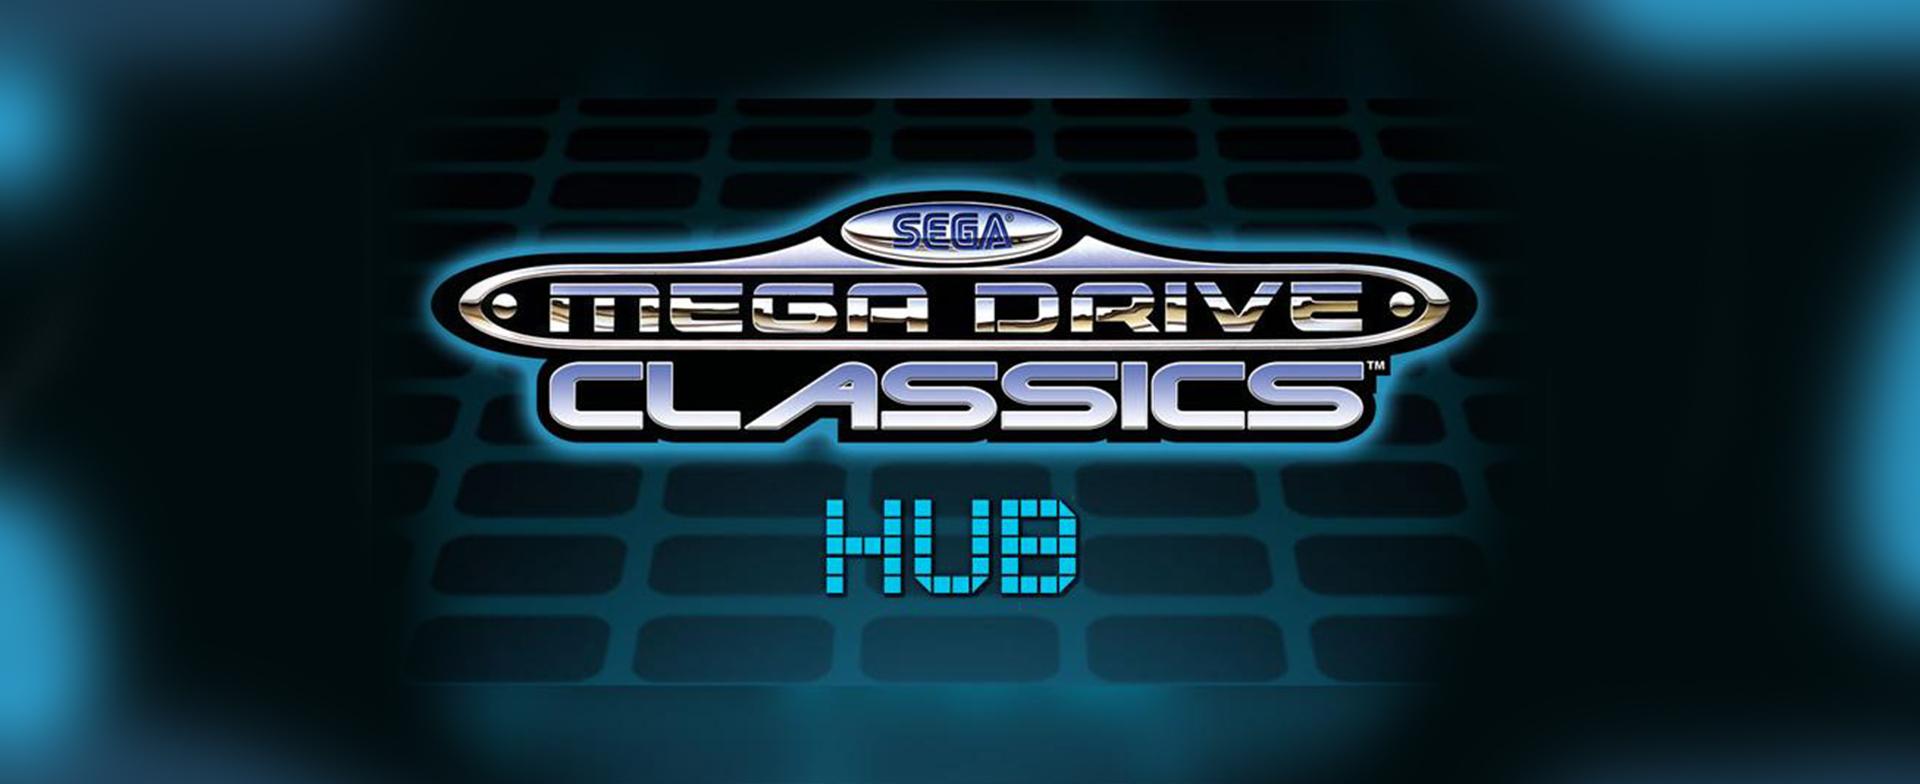 SEGA MEGA DRIVE CLASSICS HUB | d3t